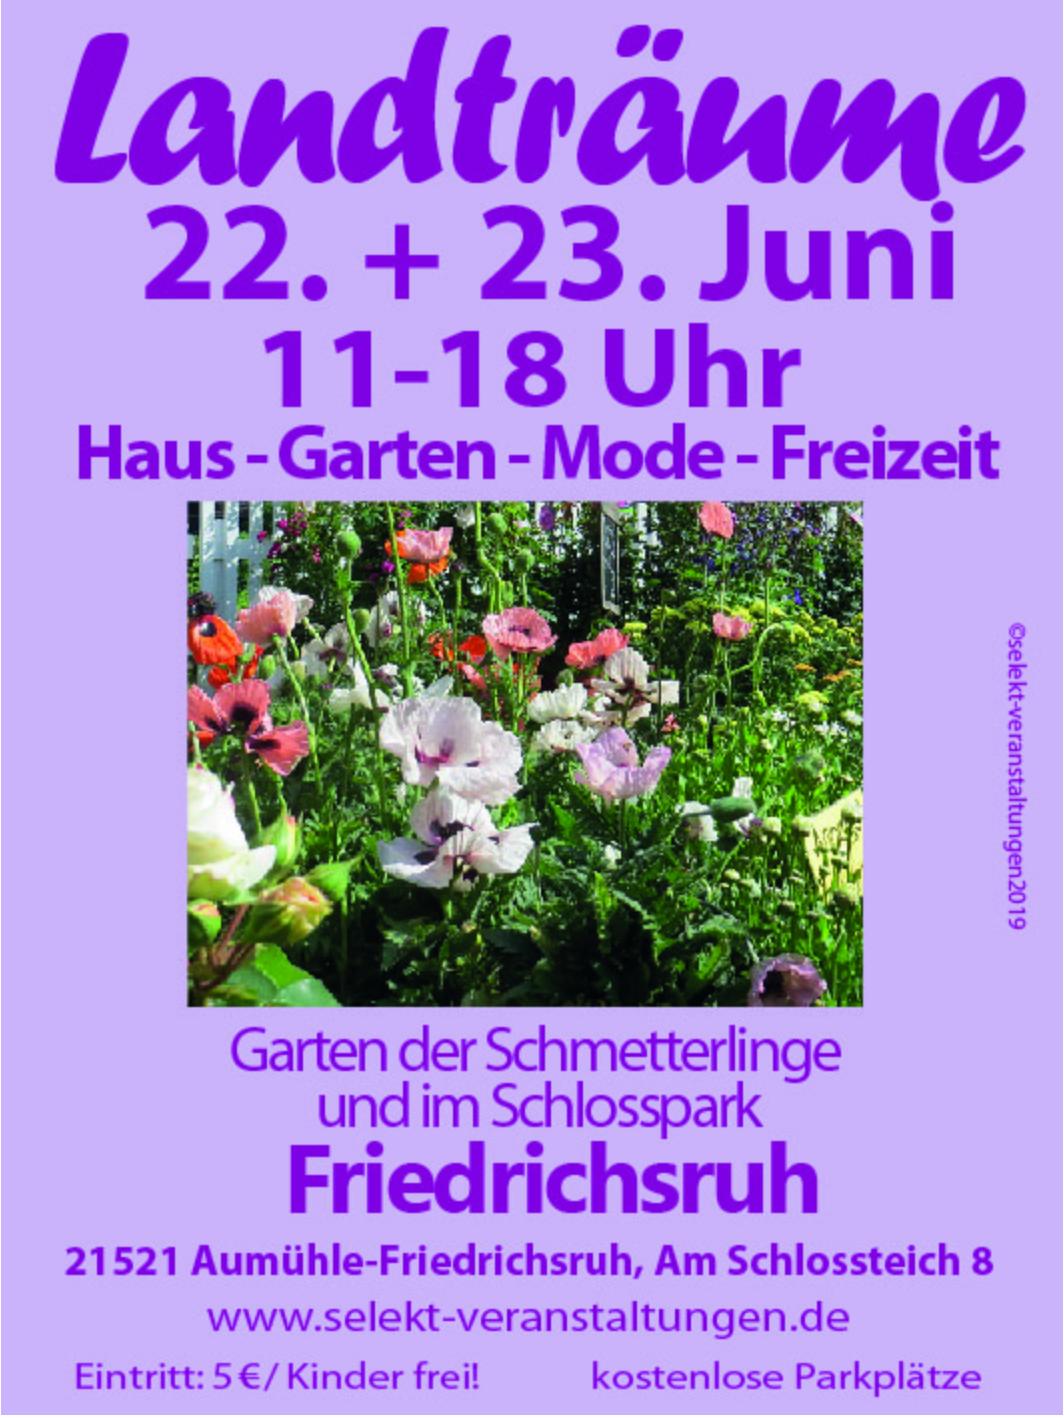 Landträume Friedrichsruh 2019